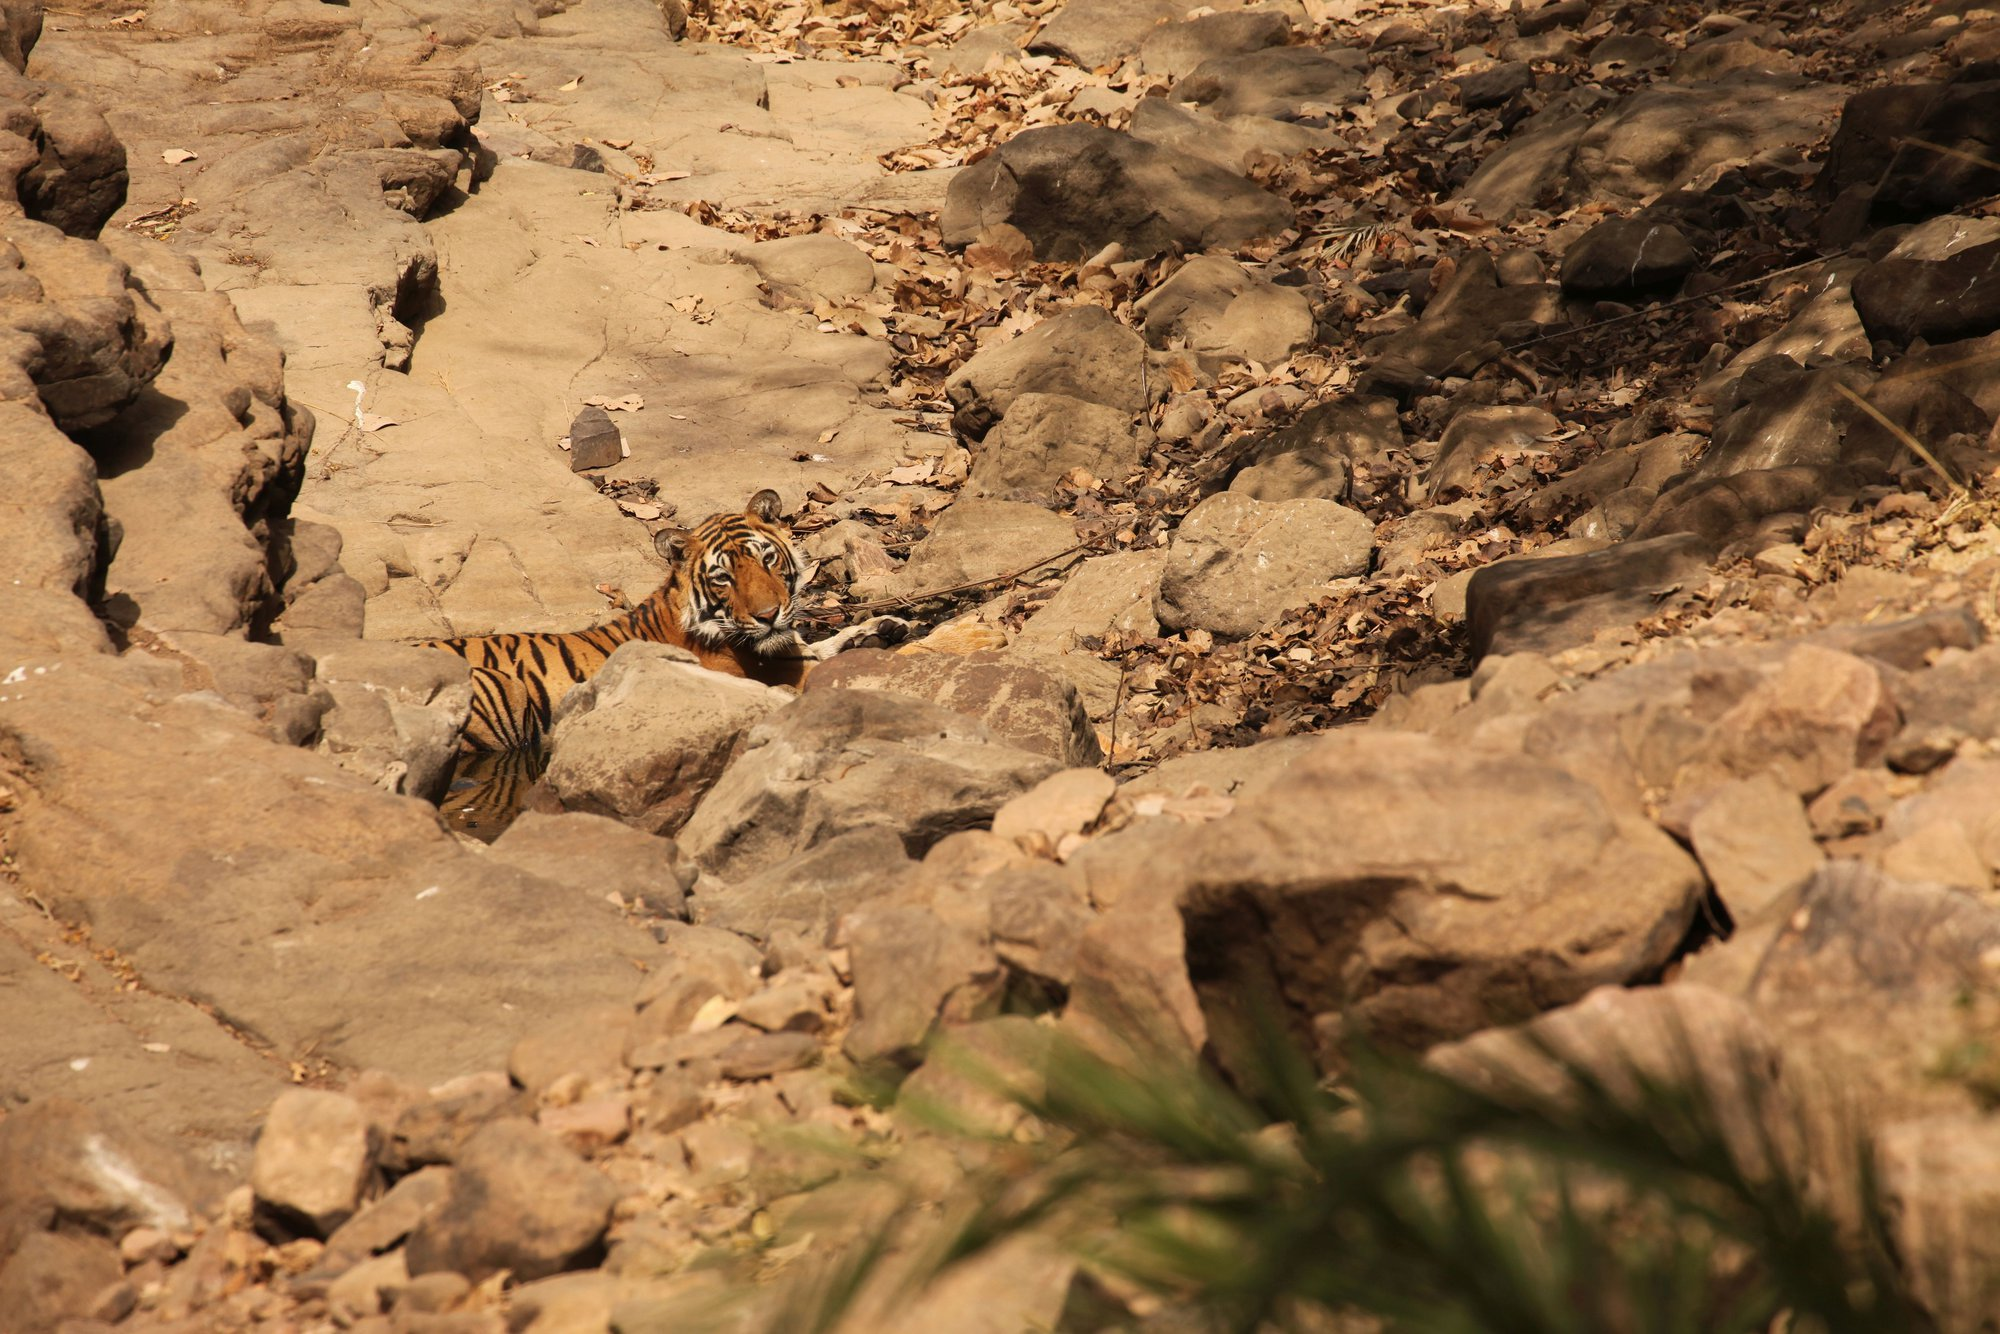 naším hlavním cílem byli tygři